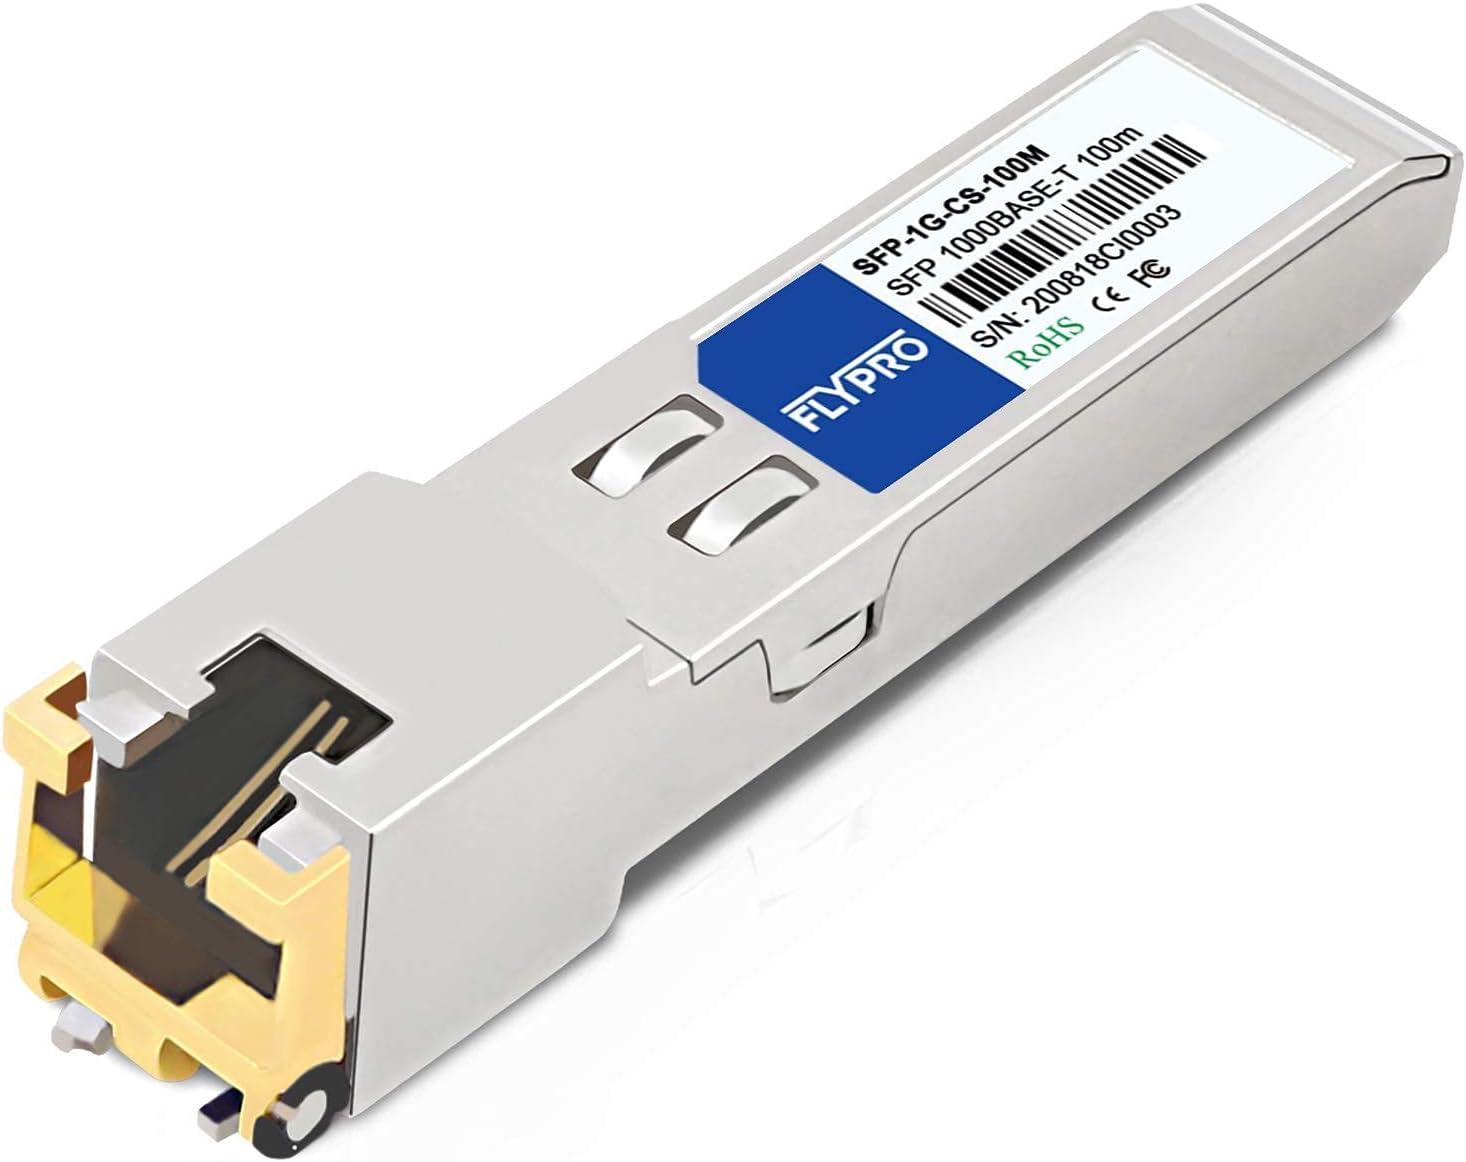 SFP to RJ45 1000Base-T SFP, 1.25G SFP RJ45 Copper Module, RJ45 SFP for Cisco GLC-T/SFP-GE-T,Meraki, Ubiquiti UF-RJ45-1G, MikroTik, Netgear, Supermicro, Broadcom, D-Link, TP-Link, 100M, FLYPROFiber